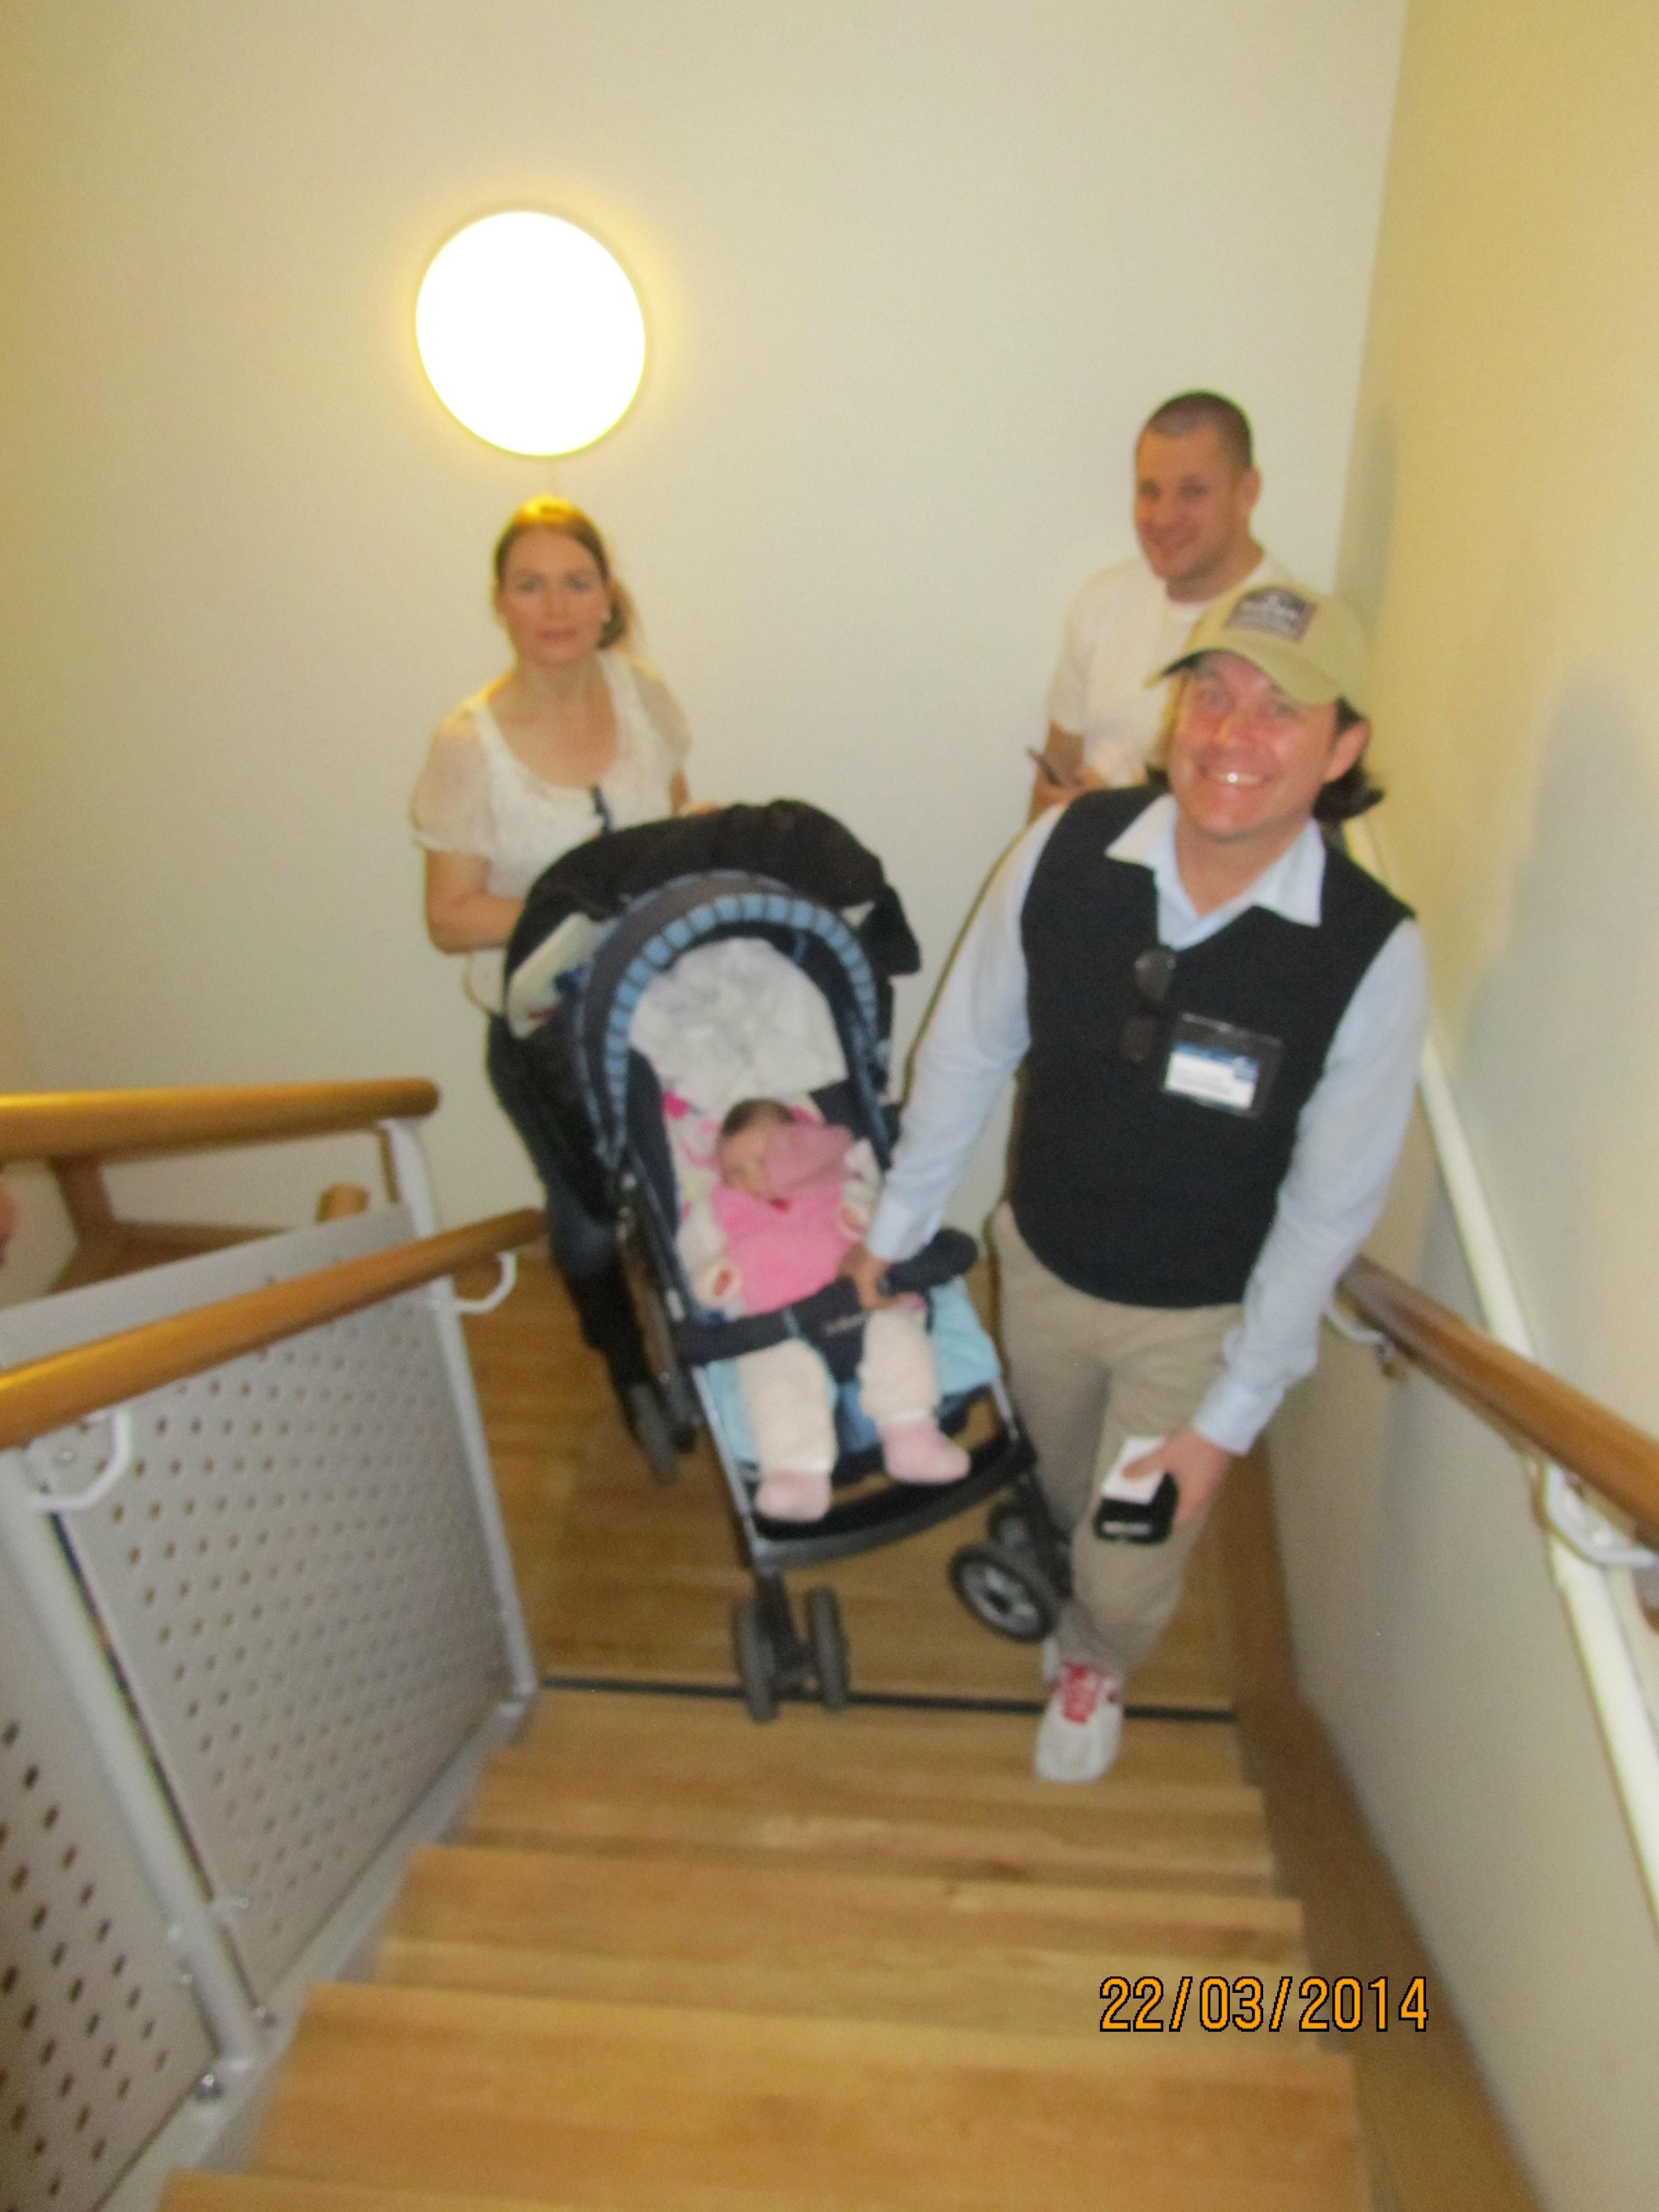 Att ge sig ut på mässan med barnvagn kräver rejält pannben. På väg upp för trappan till matsalen. Allt går om man vill - Här ligger t o m vi i lä.